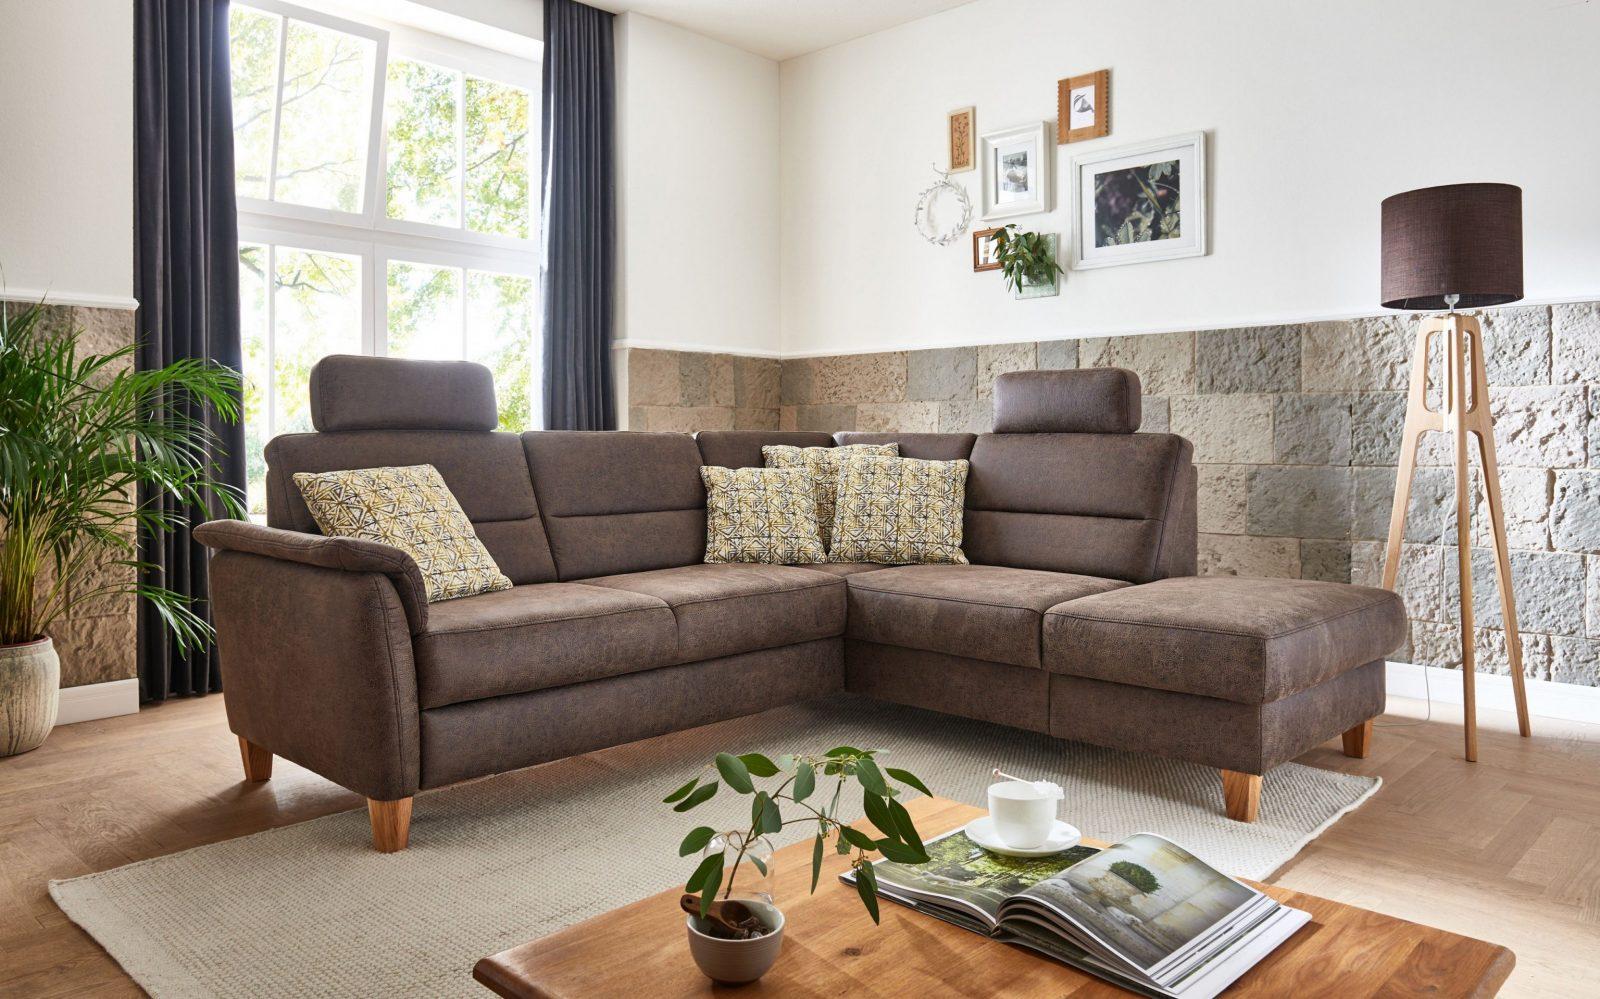 Sit  More Palmera Polsterecke Braun  Möbel Letz  Ihr Onlineshop von Sit And More Polsterecke Bild